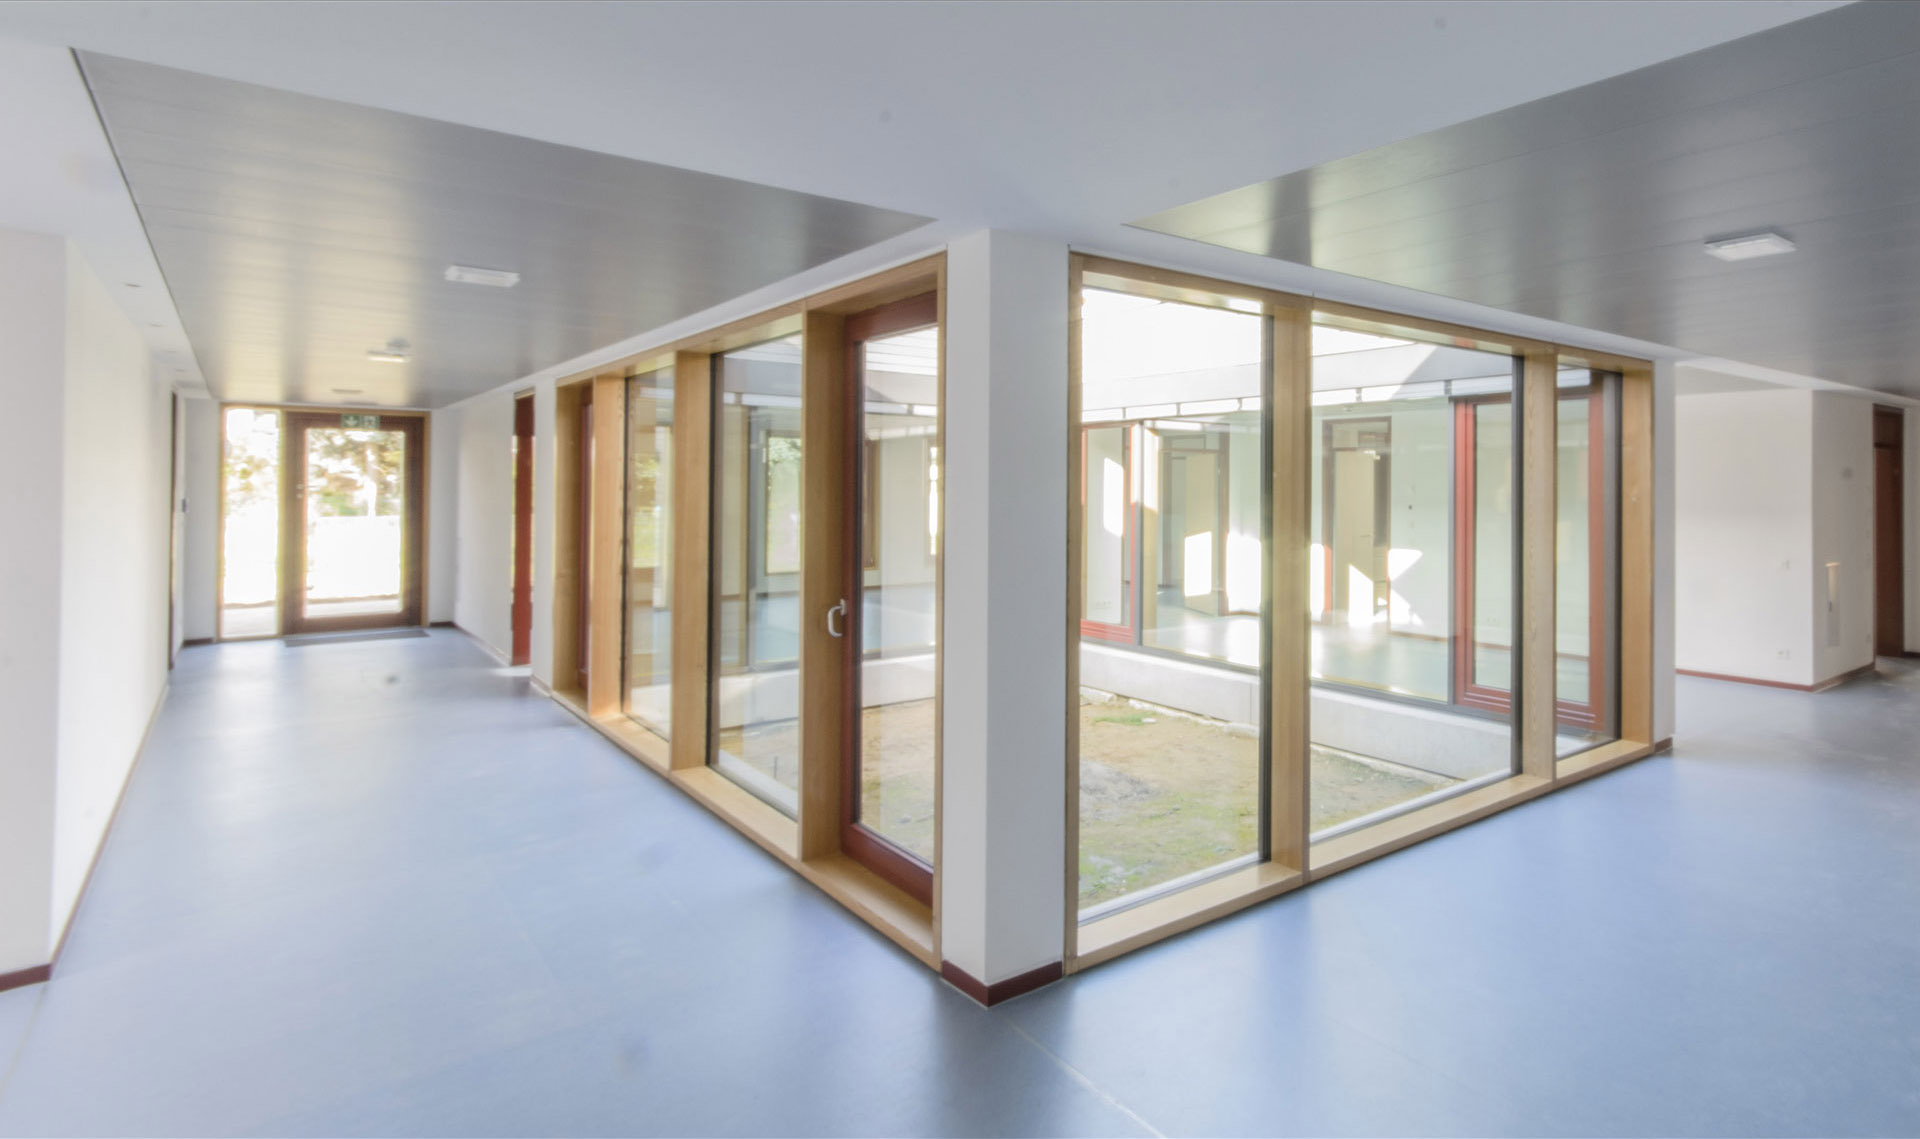 Architekt Kleve inkita sos kinderdorf kleve wrede architekten